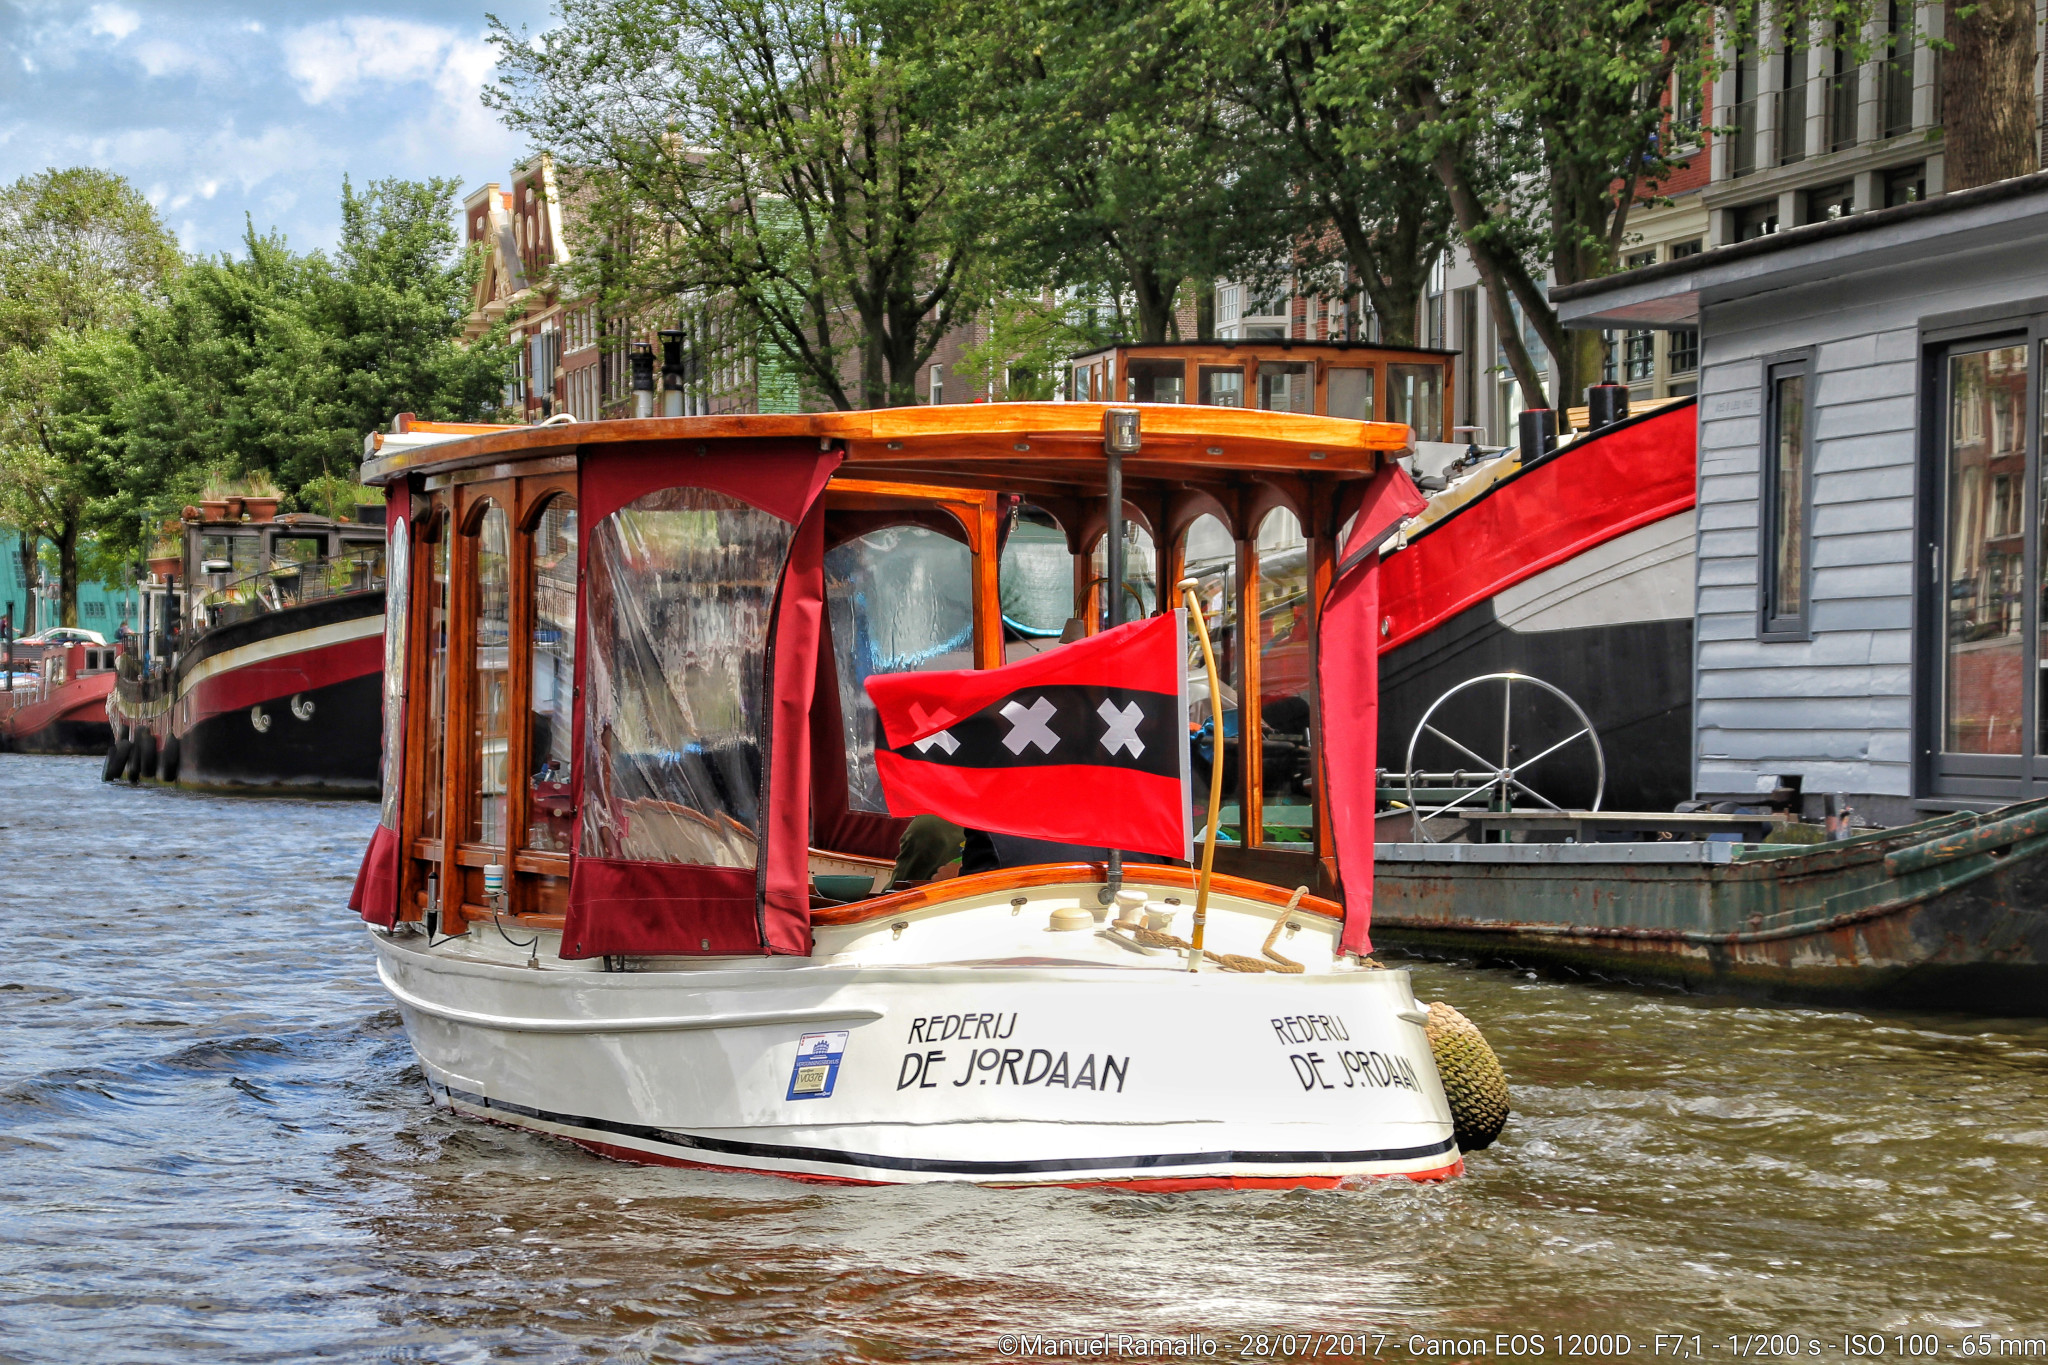 Navegando por el canal Ámsterdam